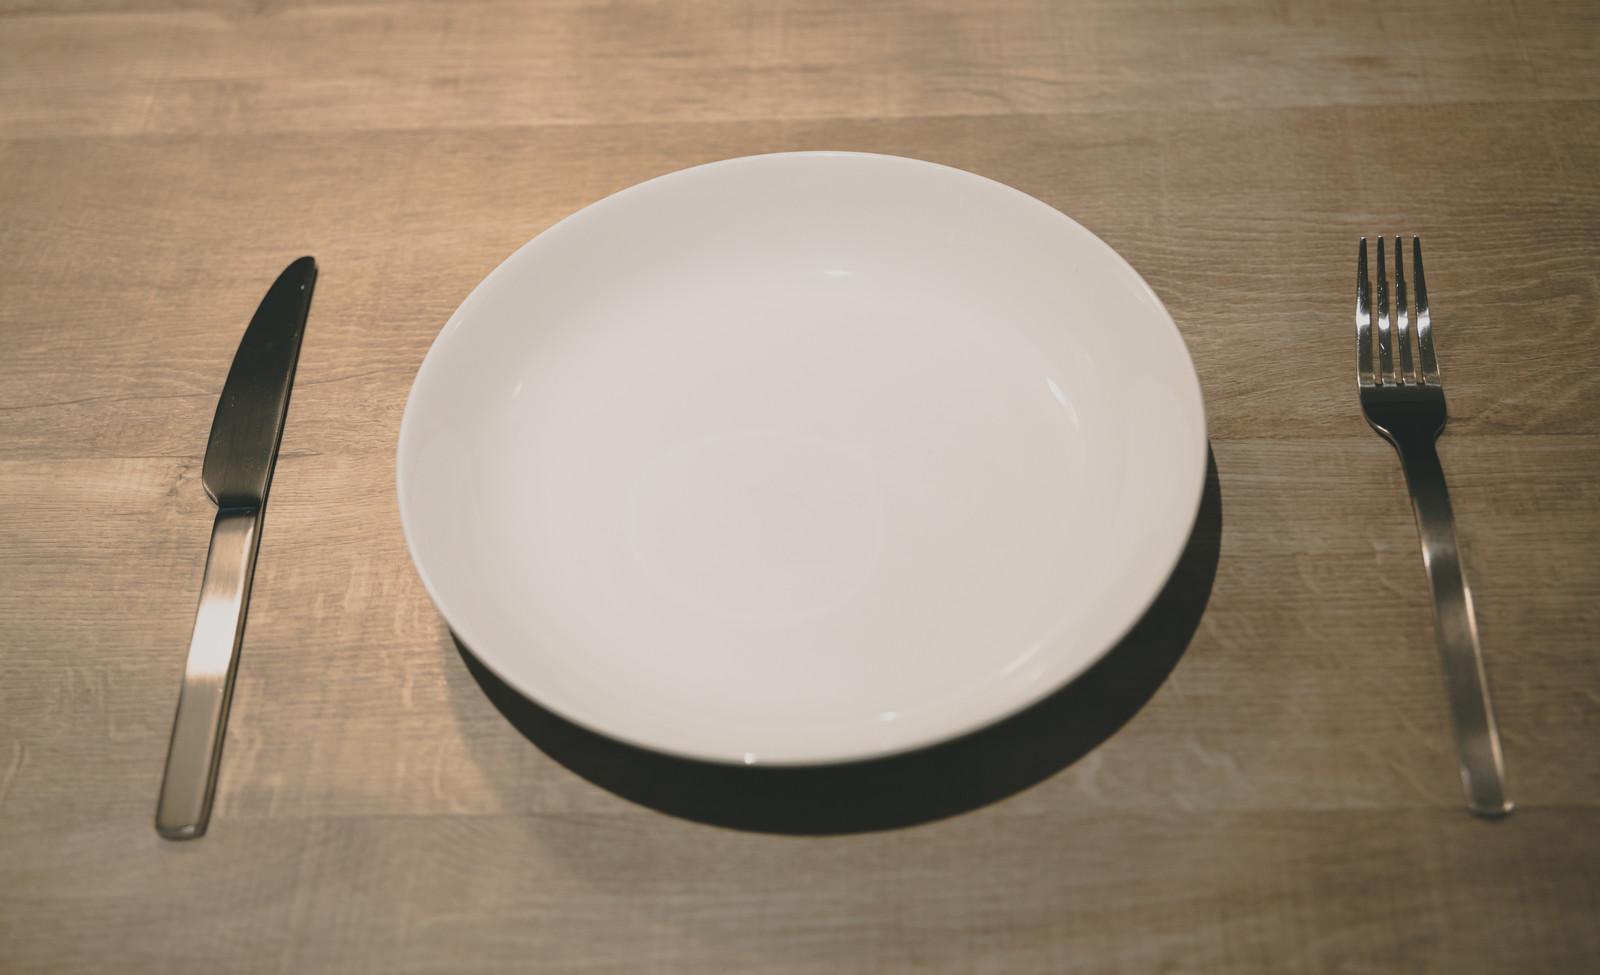 認知症予防のための食事管理